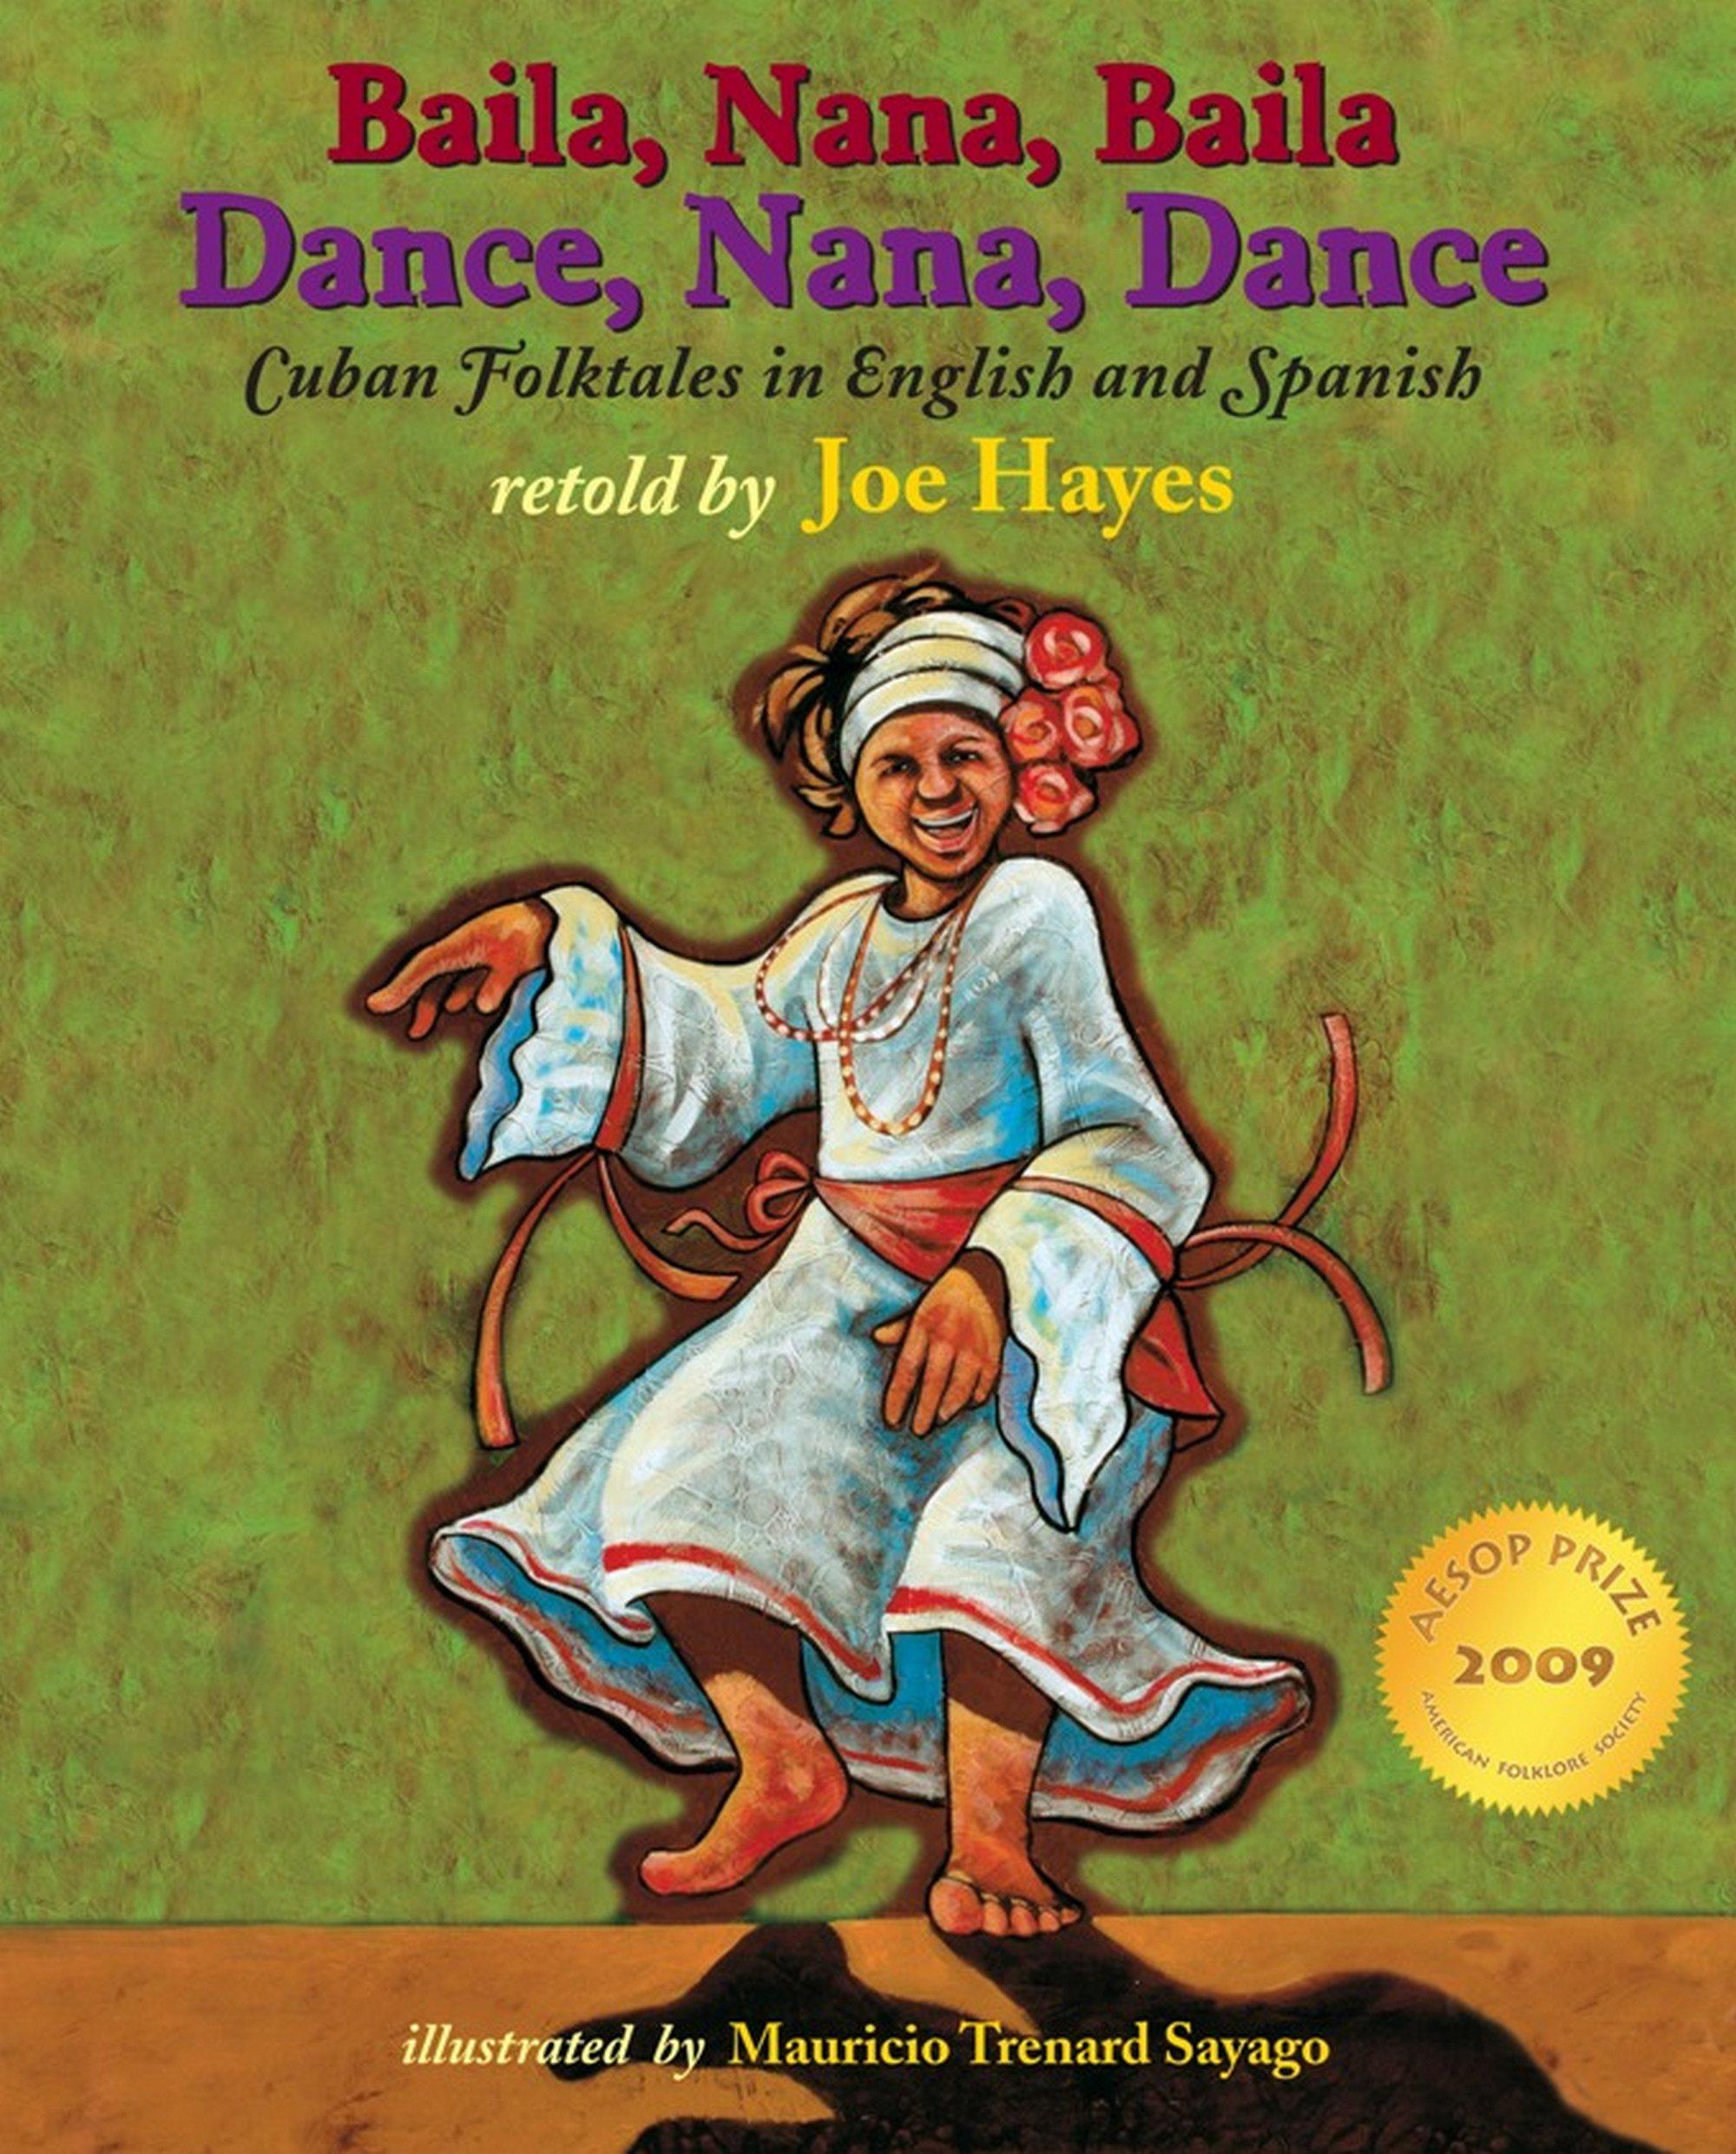 Read Online Dance, Nana, Dance / Baila, Nana, Baila: Cuban Folktales in English and Spanish (English and Spanish Edition) ebook